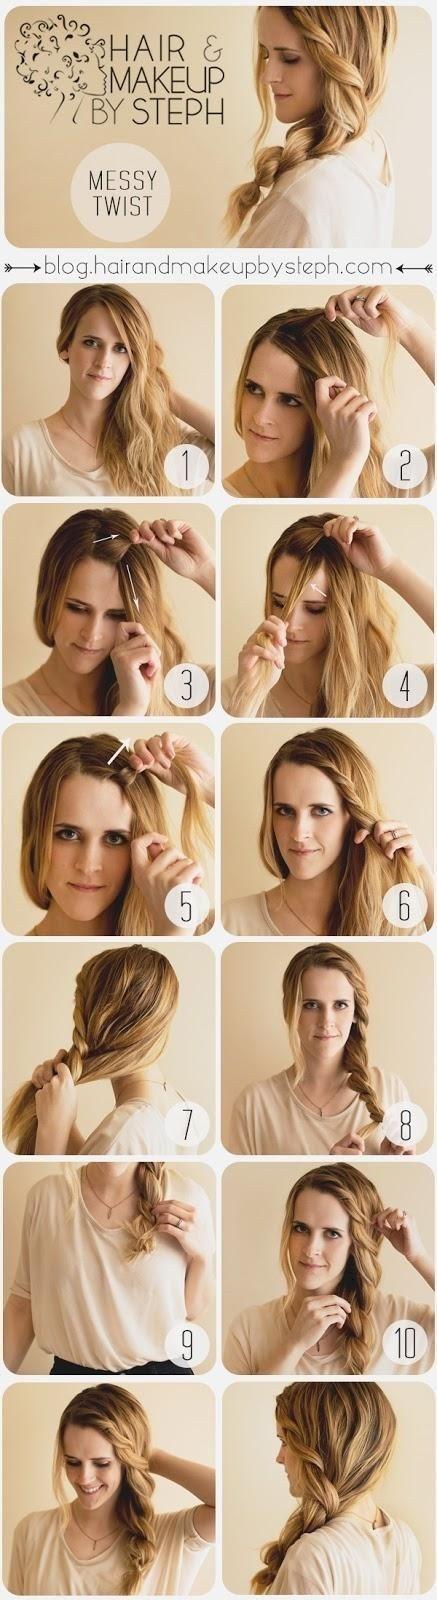 Si tienes cabello abundante, este giro robusto es una variante romántica de la cola de caballo de lado.   27 consejos y trucos para lograr hacer una cola de caballo perfecta